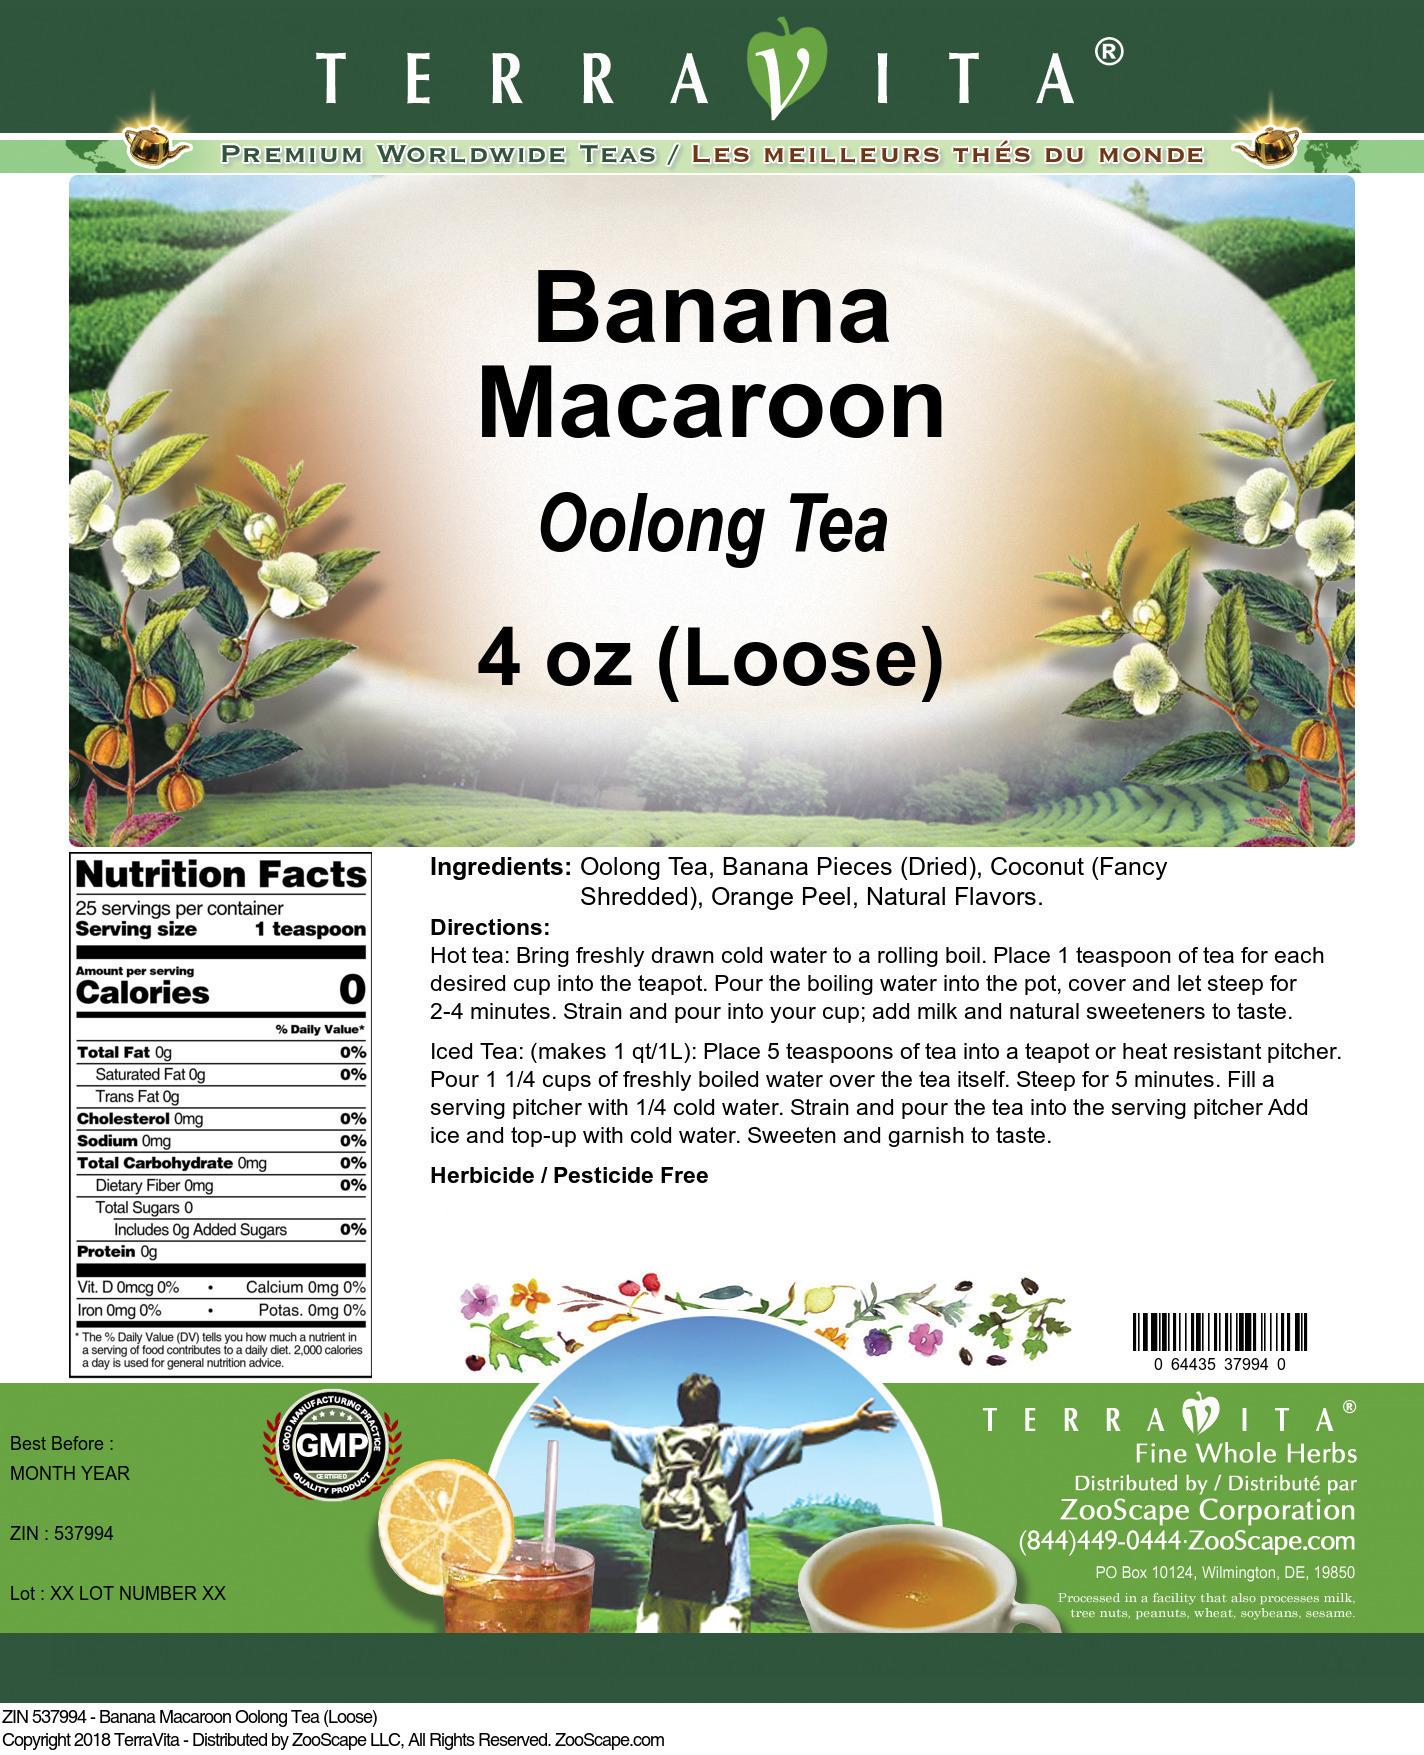 Banana Macaroon Oolong Tea